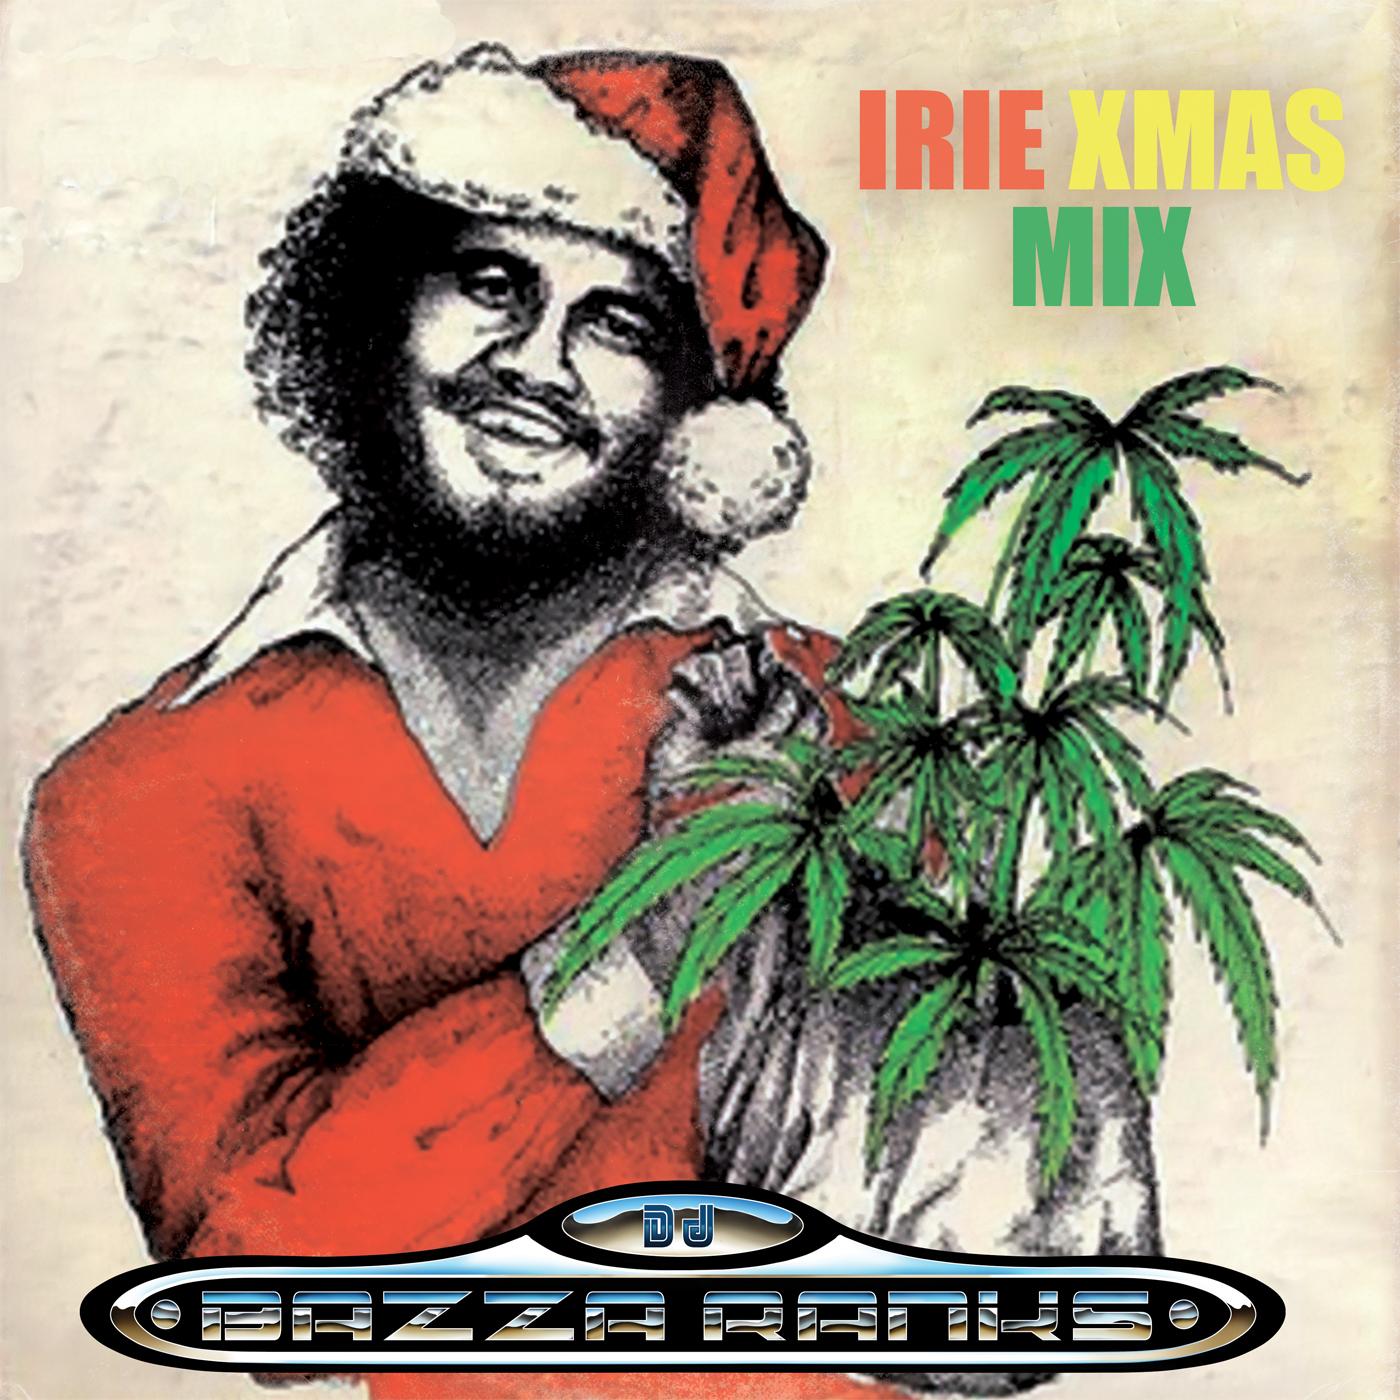 Bazza Irie Xmas Mix 1400x1400.jpg